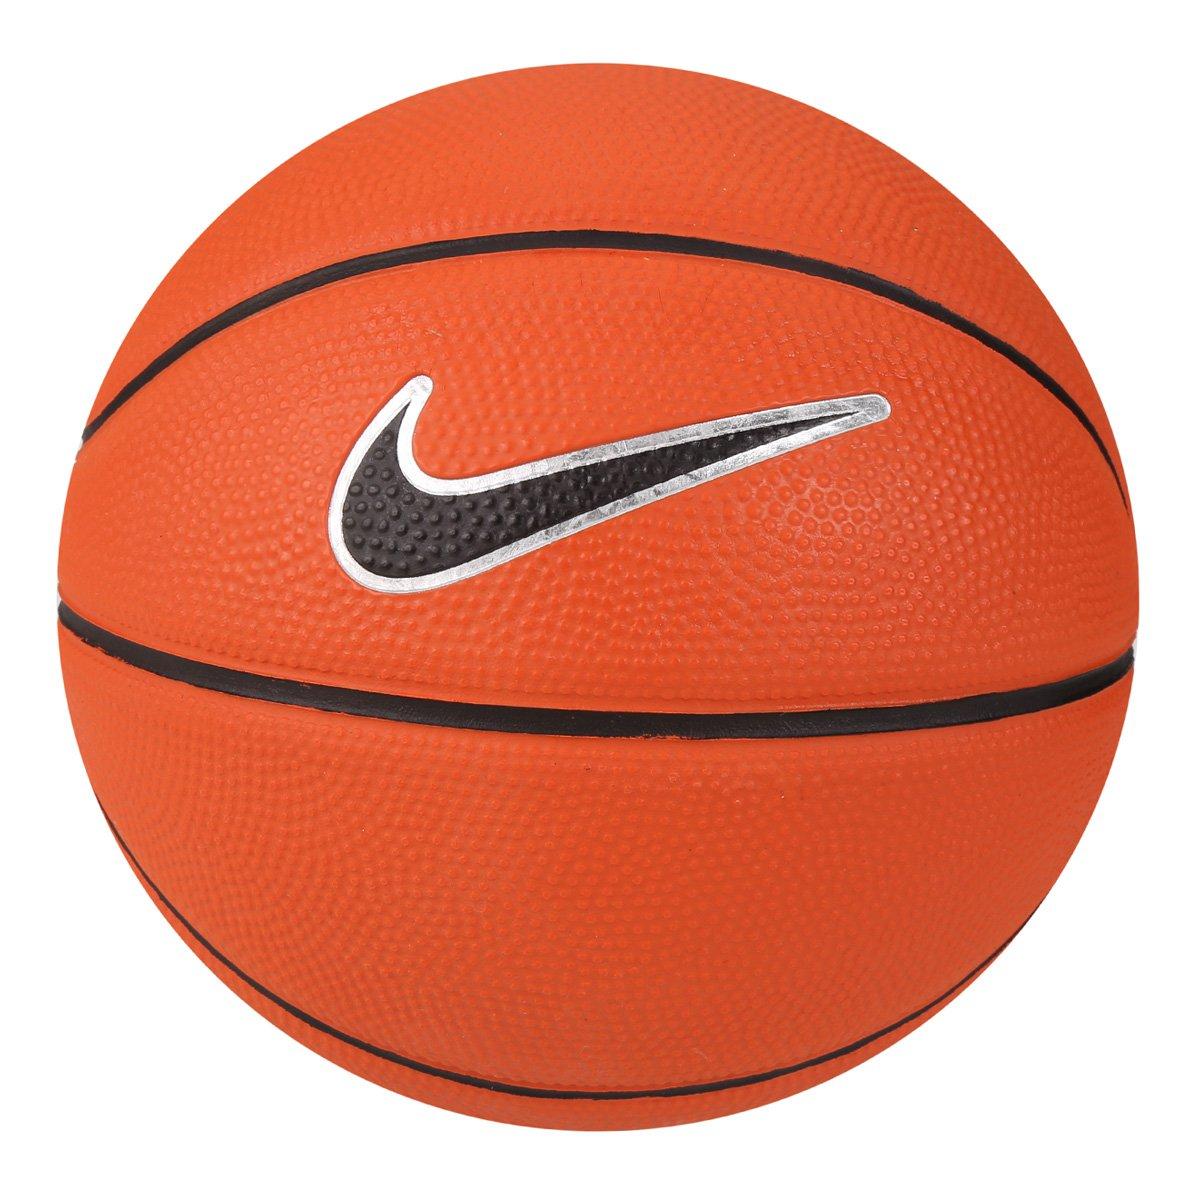 Bola Basquete Nike Swoosh Mini Tamanho 3 Mini - Laranja e Preto ... 35ba6691bcdbd